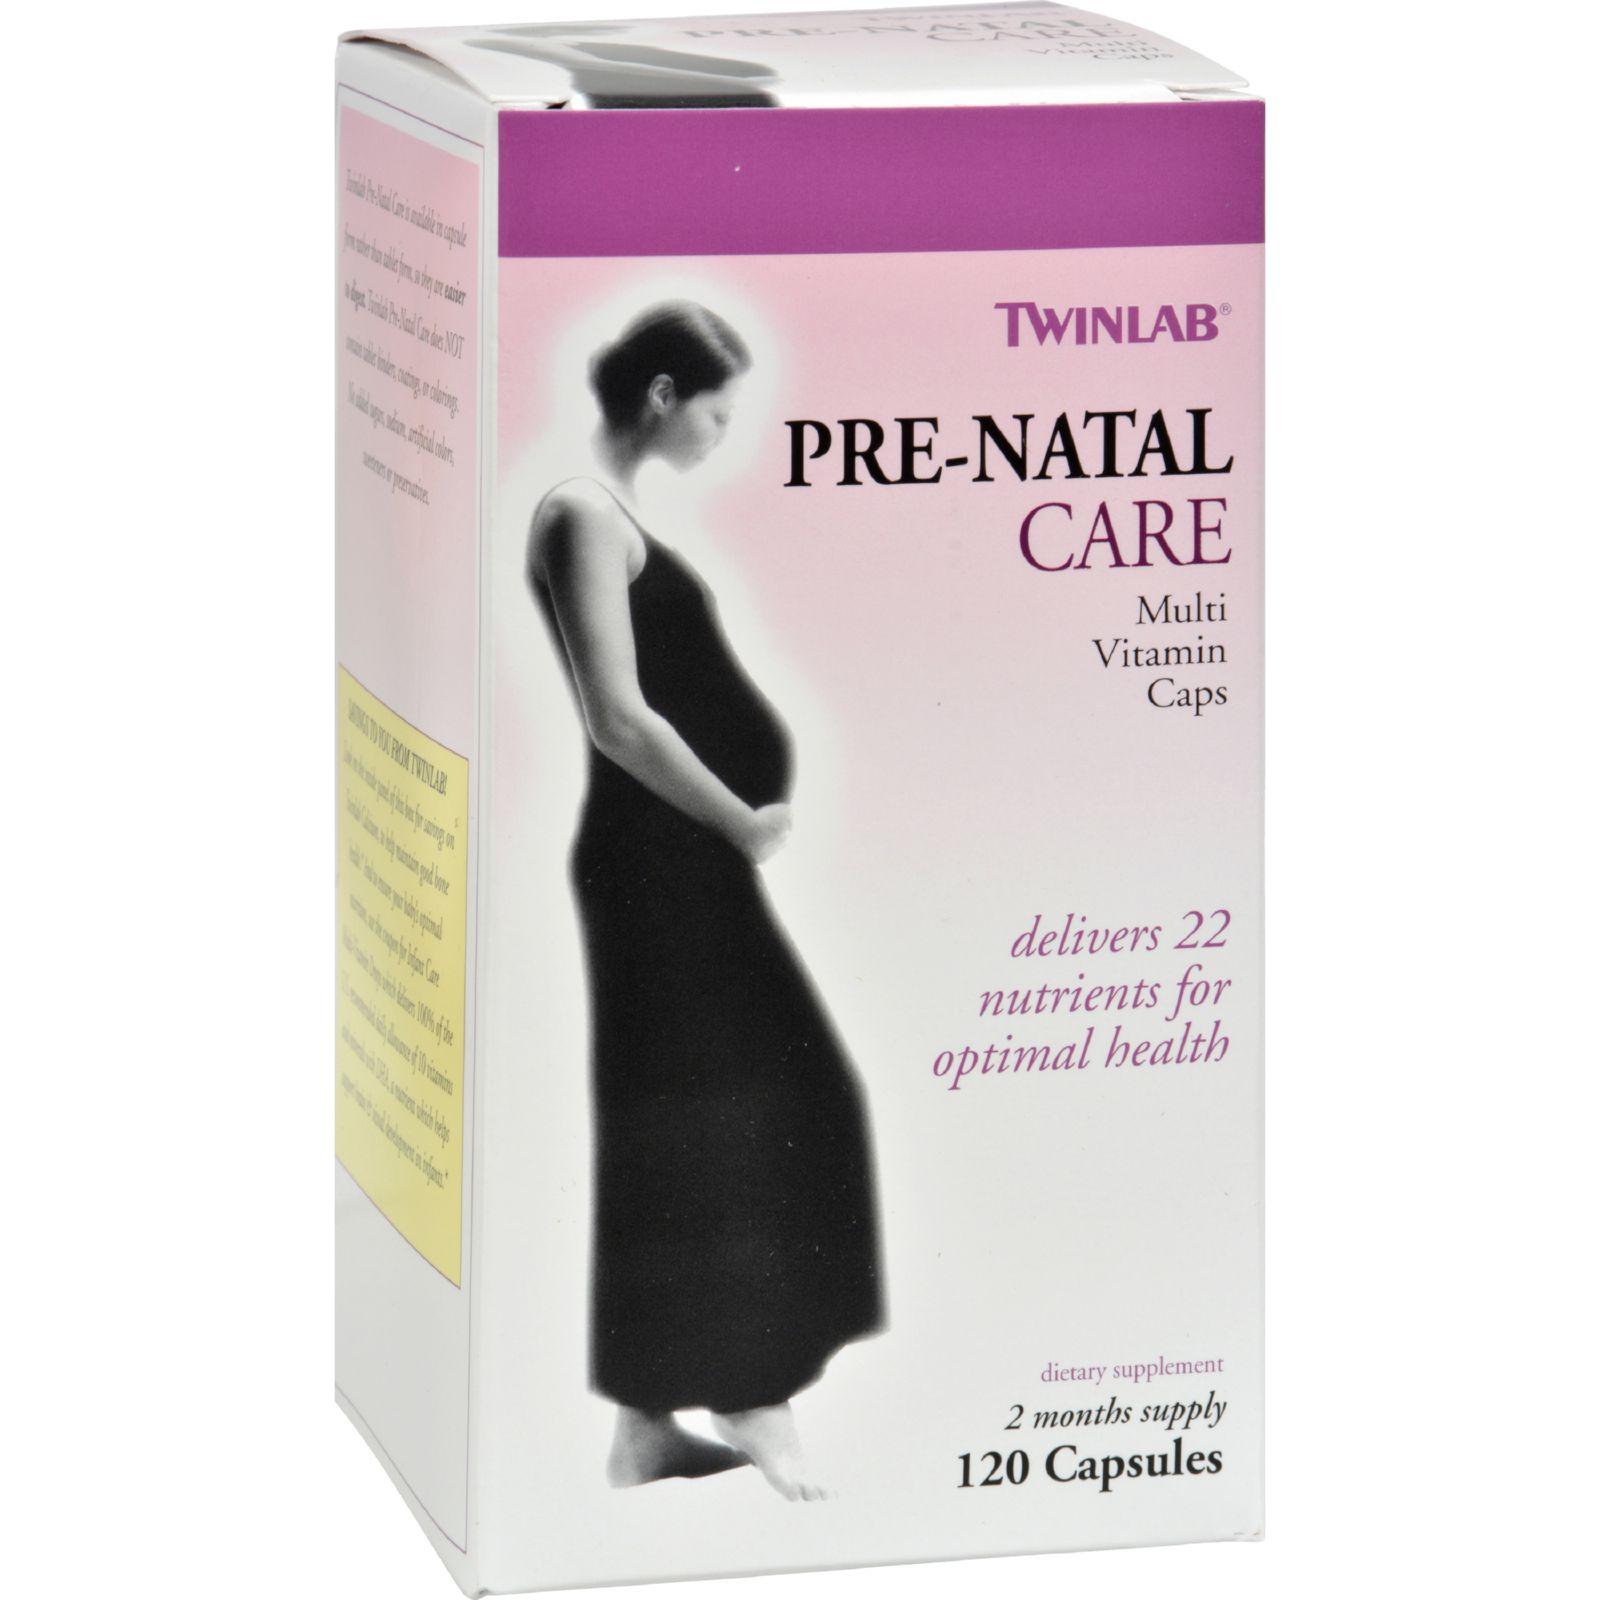 Twinlab Pre-natal Care Multi-vitamin - 120 Capsules